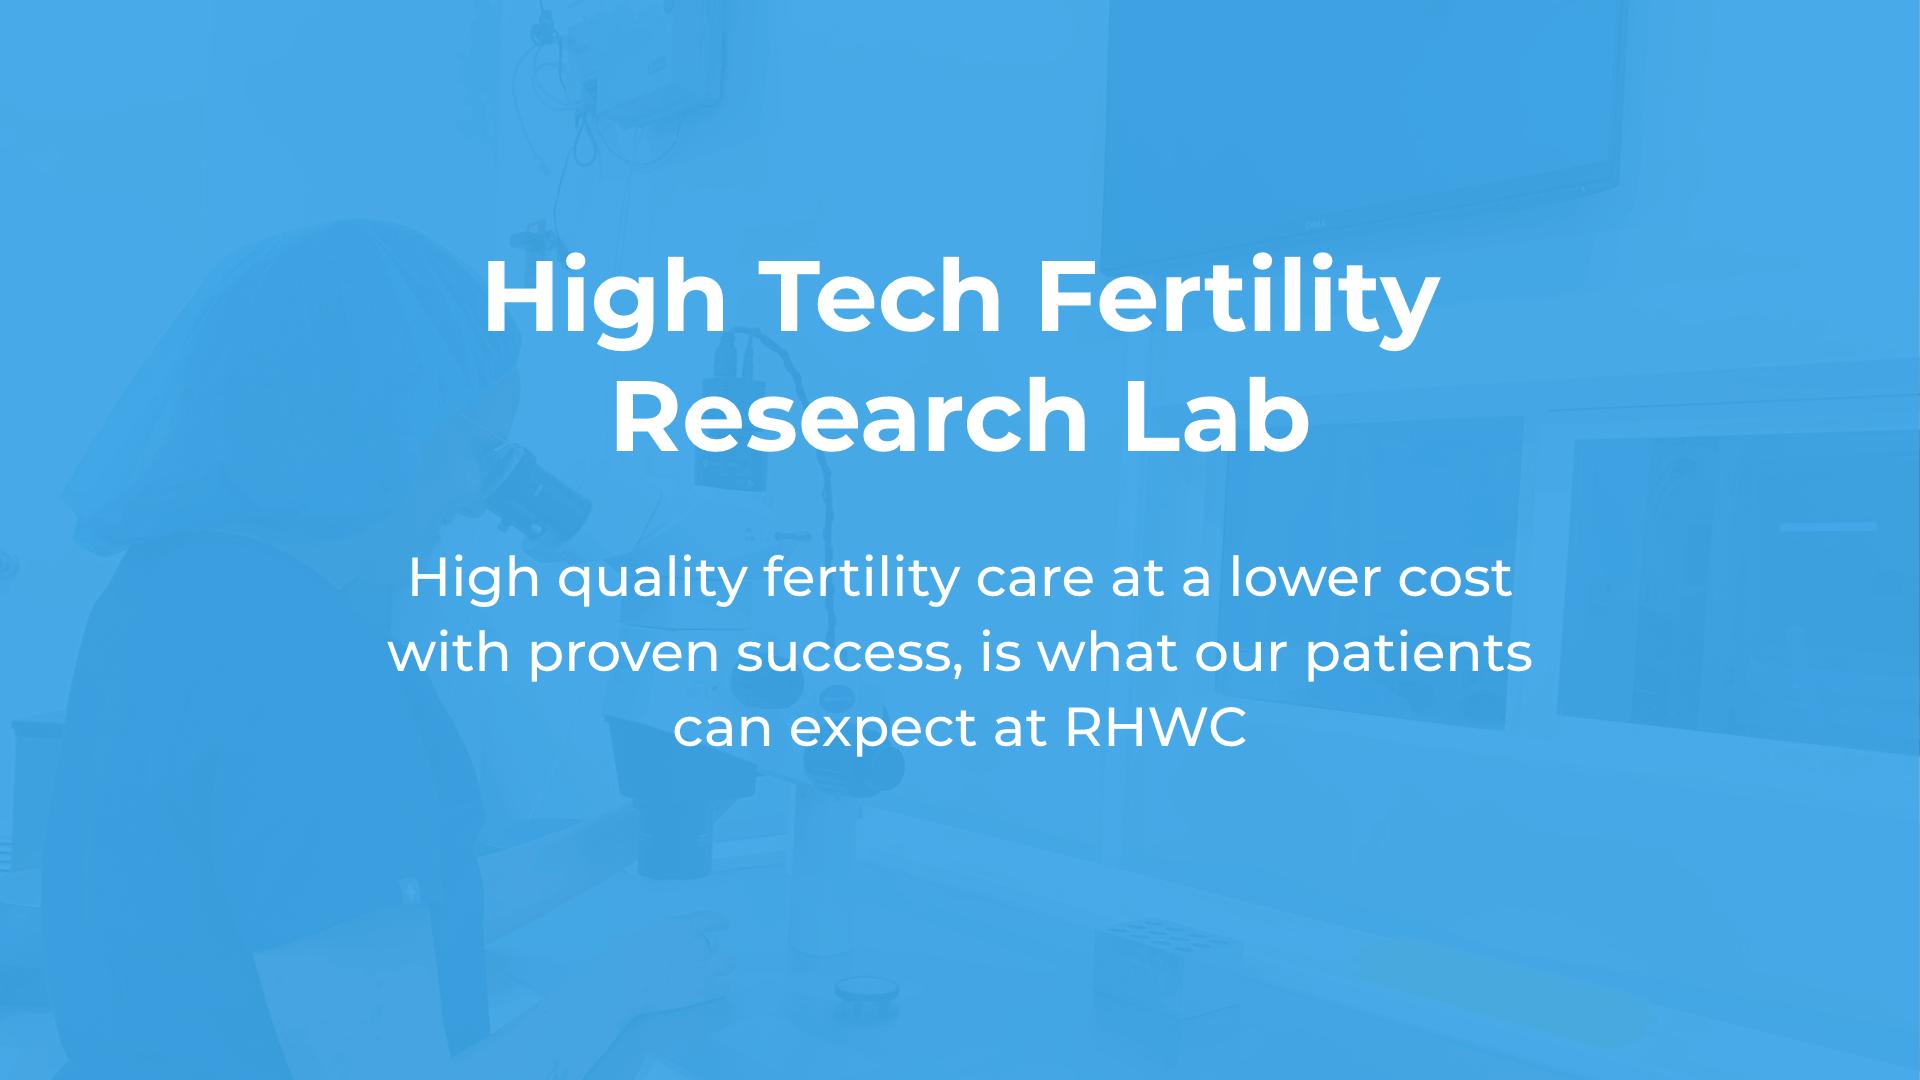 High tech fertility research lab